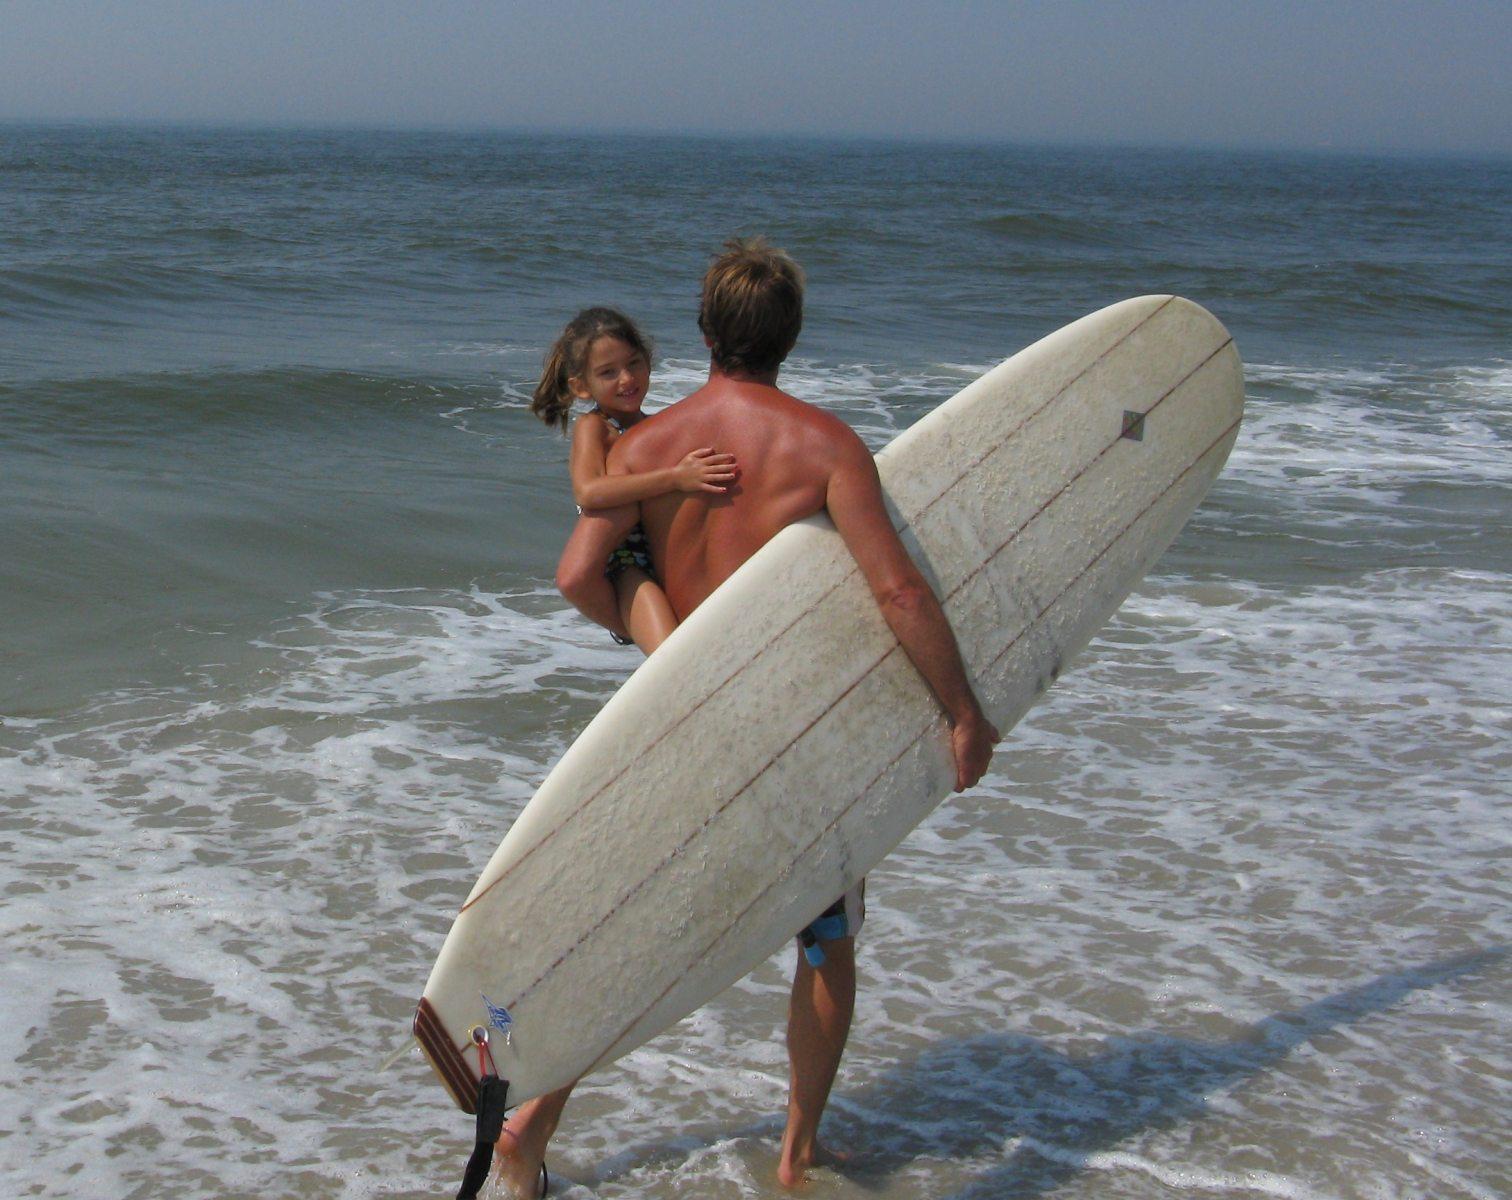 nj_surfer's picture